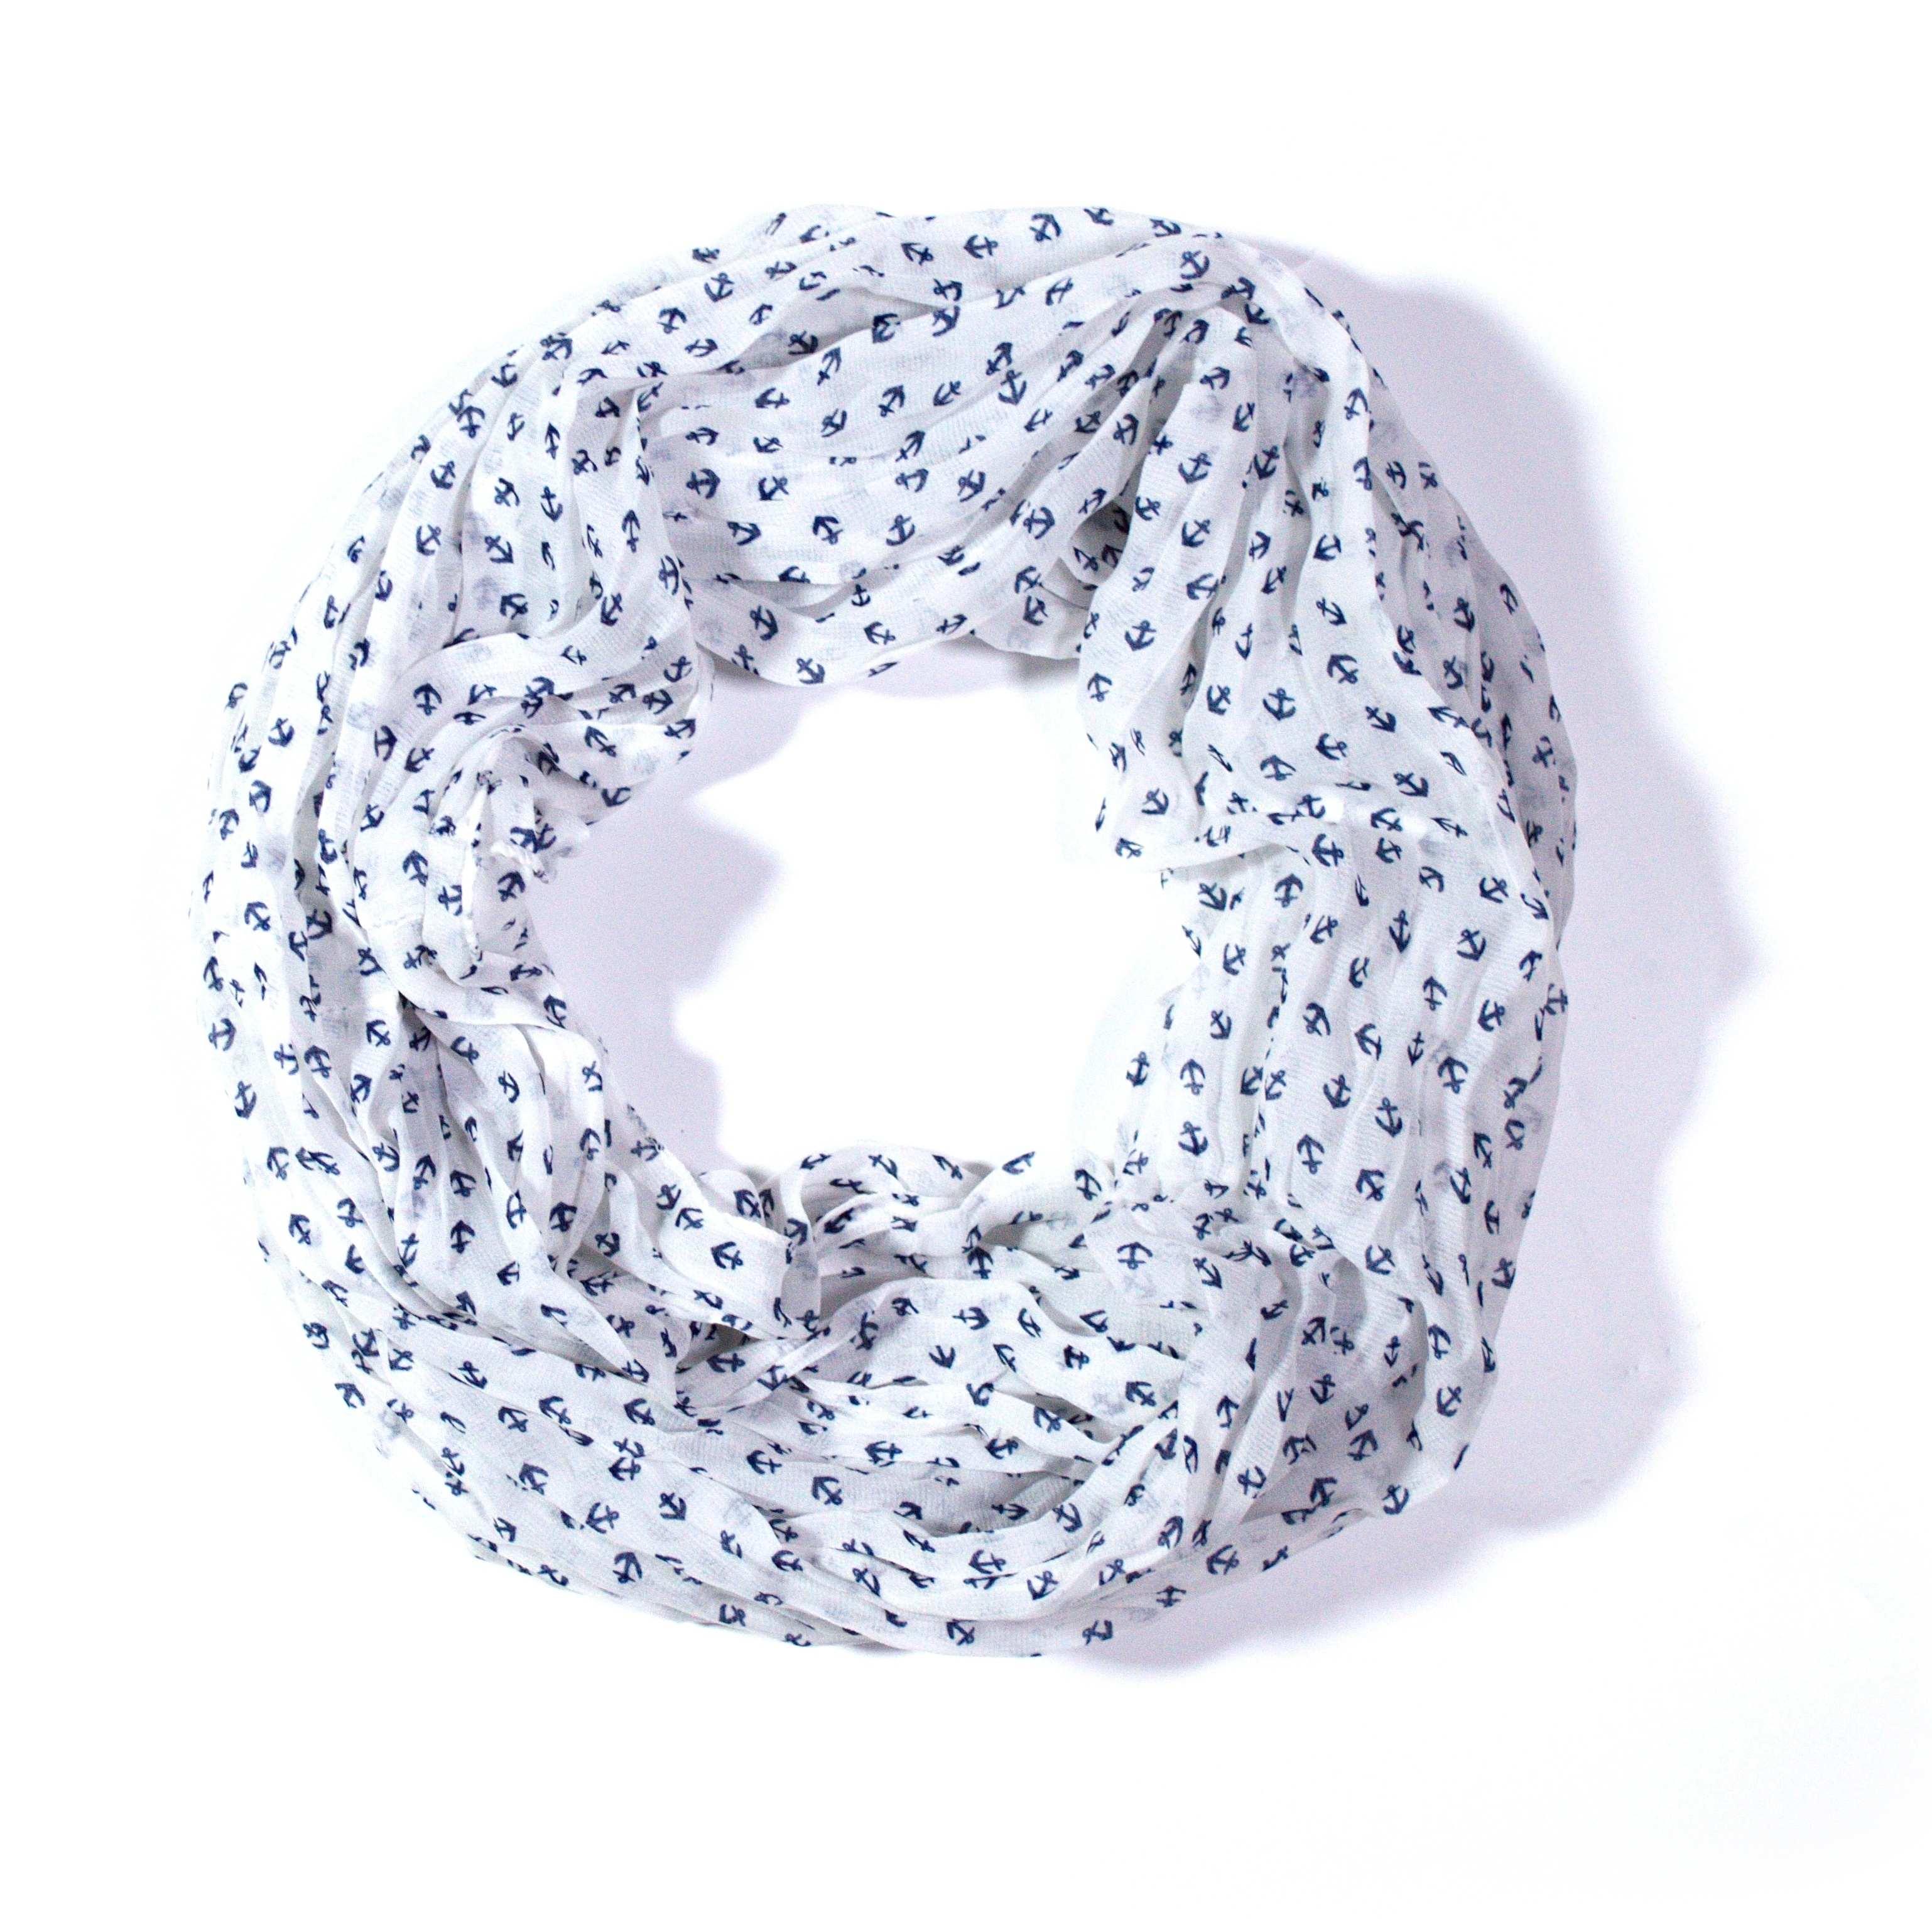 OEM Šátek námořnický lehký nekonečný XL šátek bílý 7B2 3020